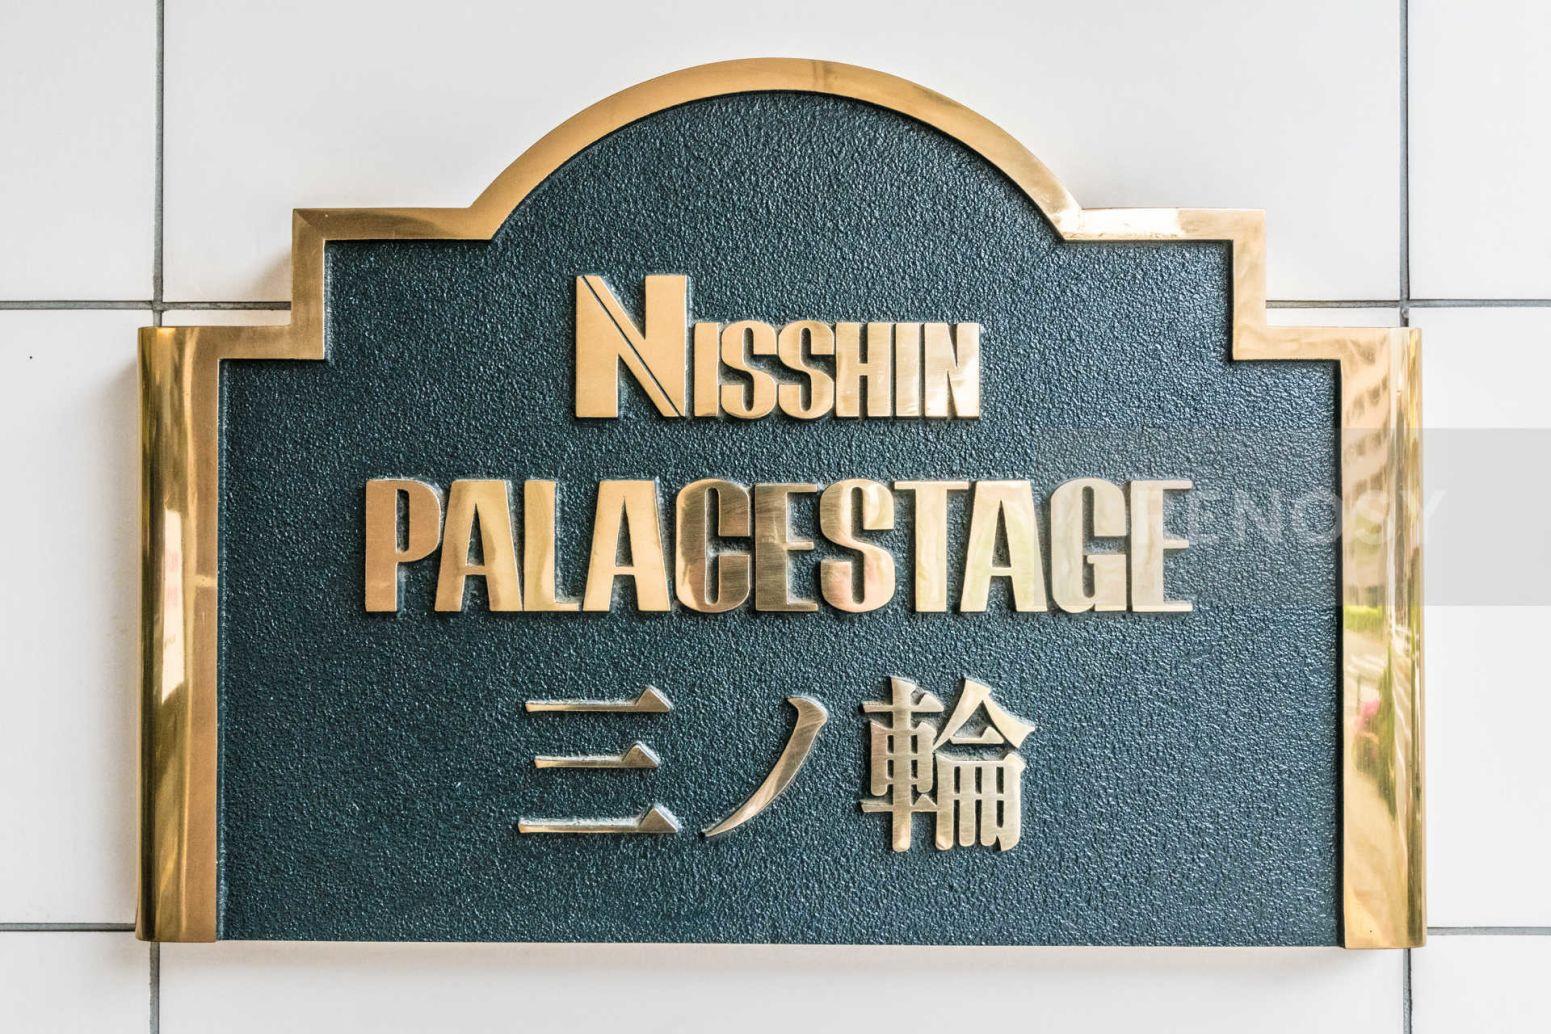 日神パレステージ三ノ輪